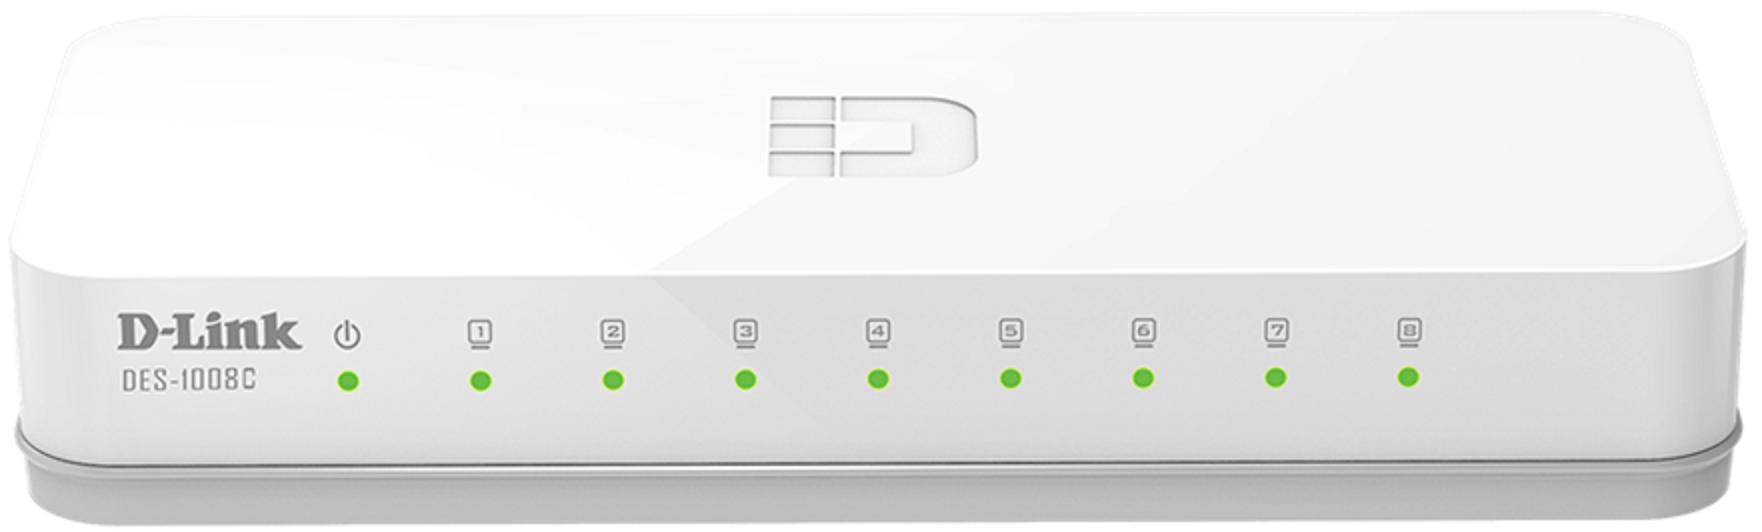 Switch 8 Portas D-link Des-1008c 10/100mbps